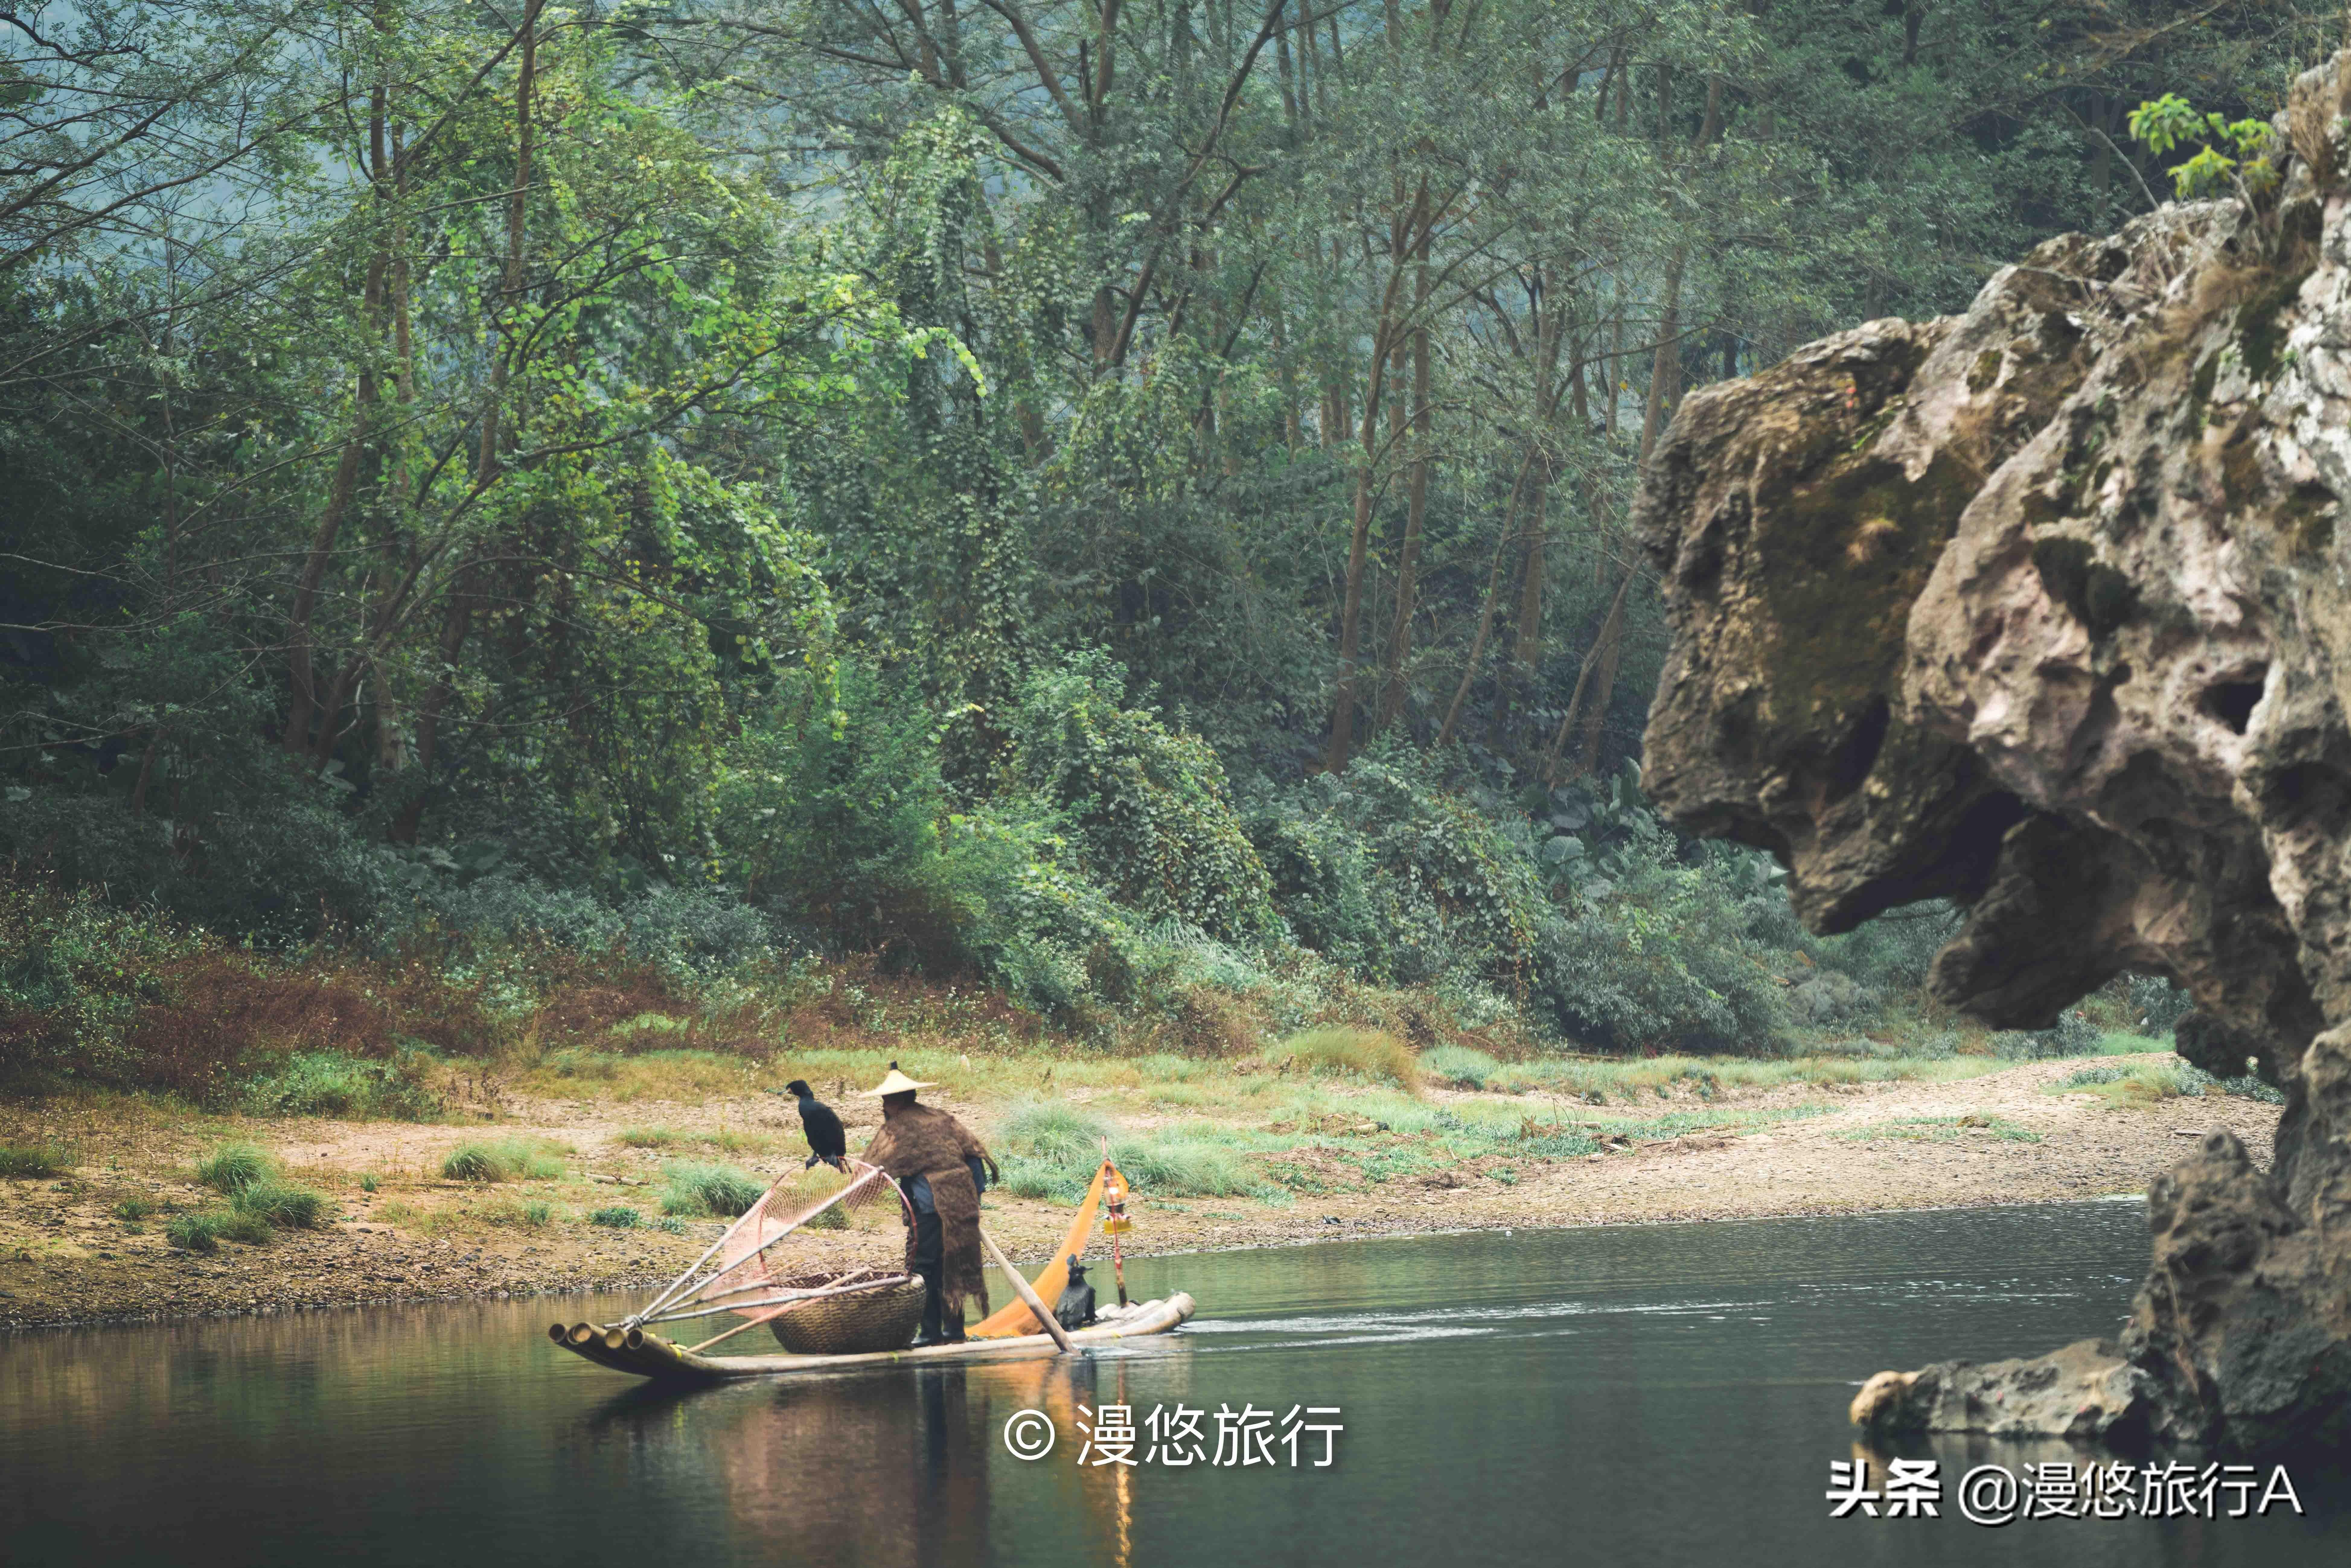 中国最美山水不在桂林市,藏在兴坪镇的山水才是资深旅行者的天堂